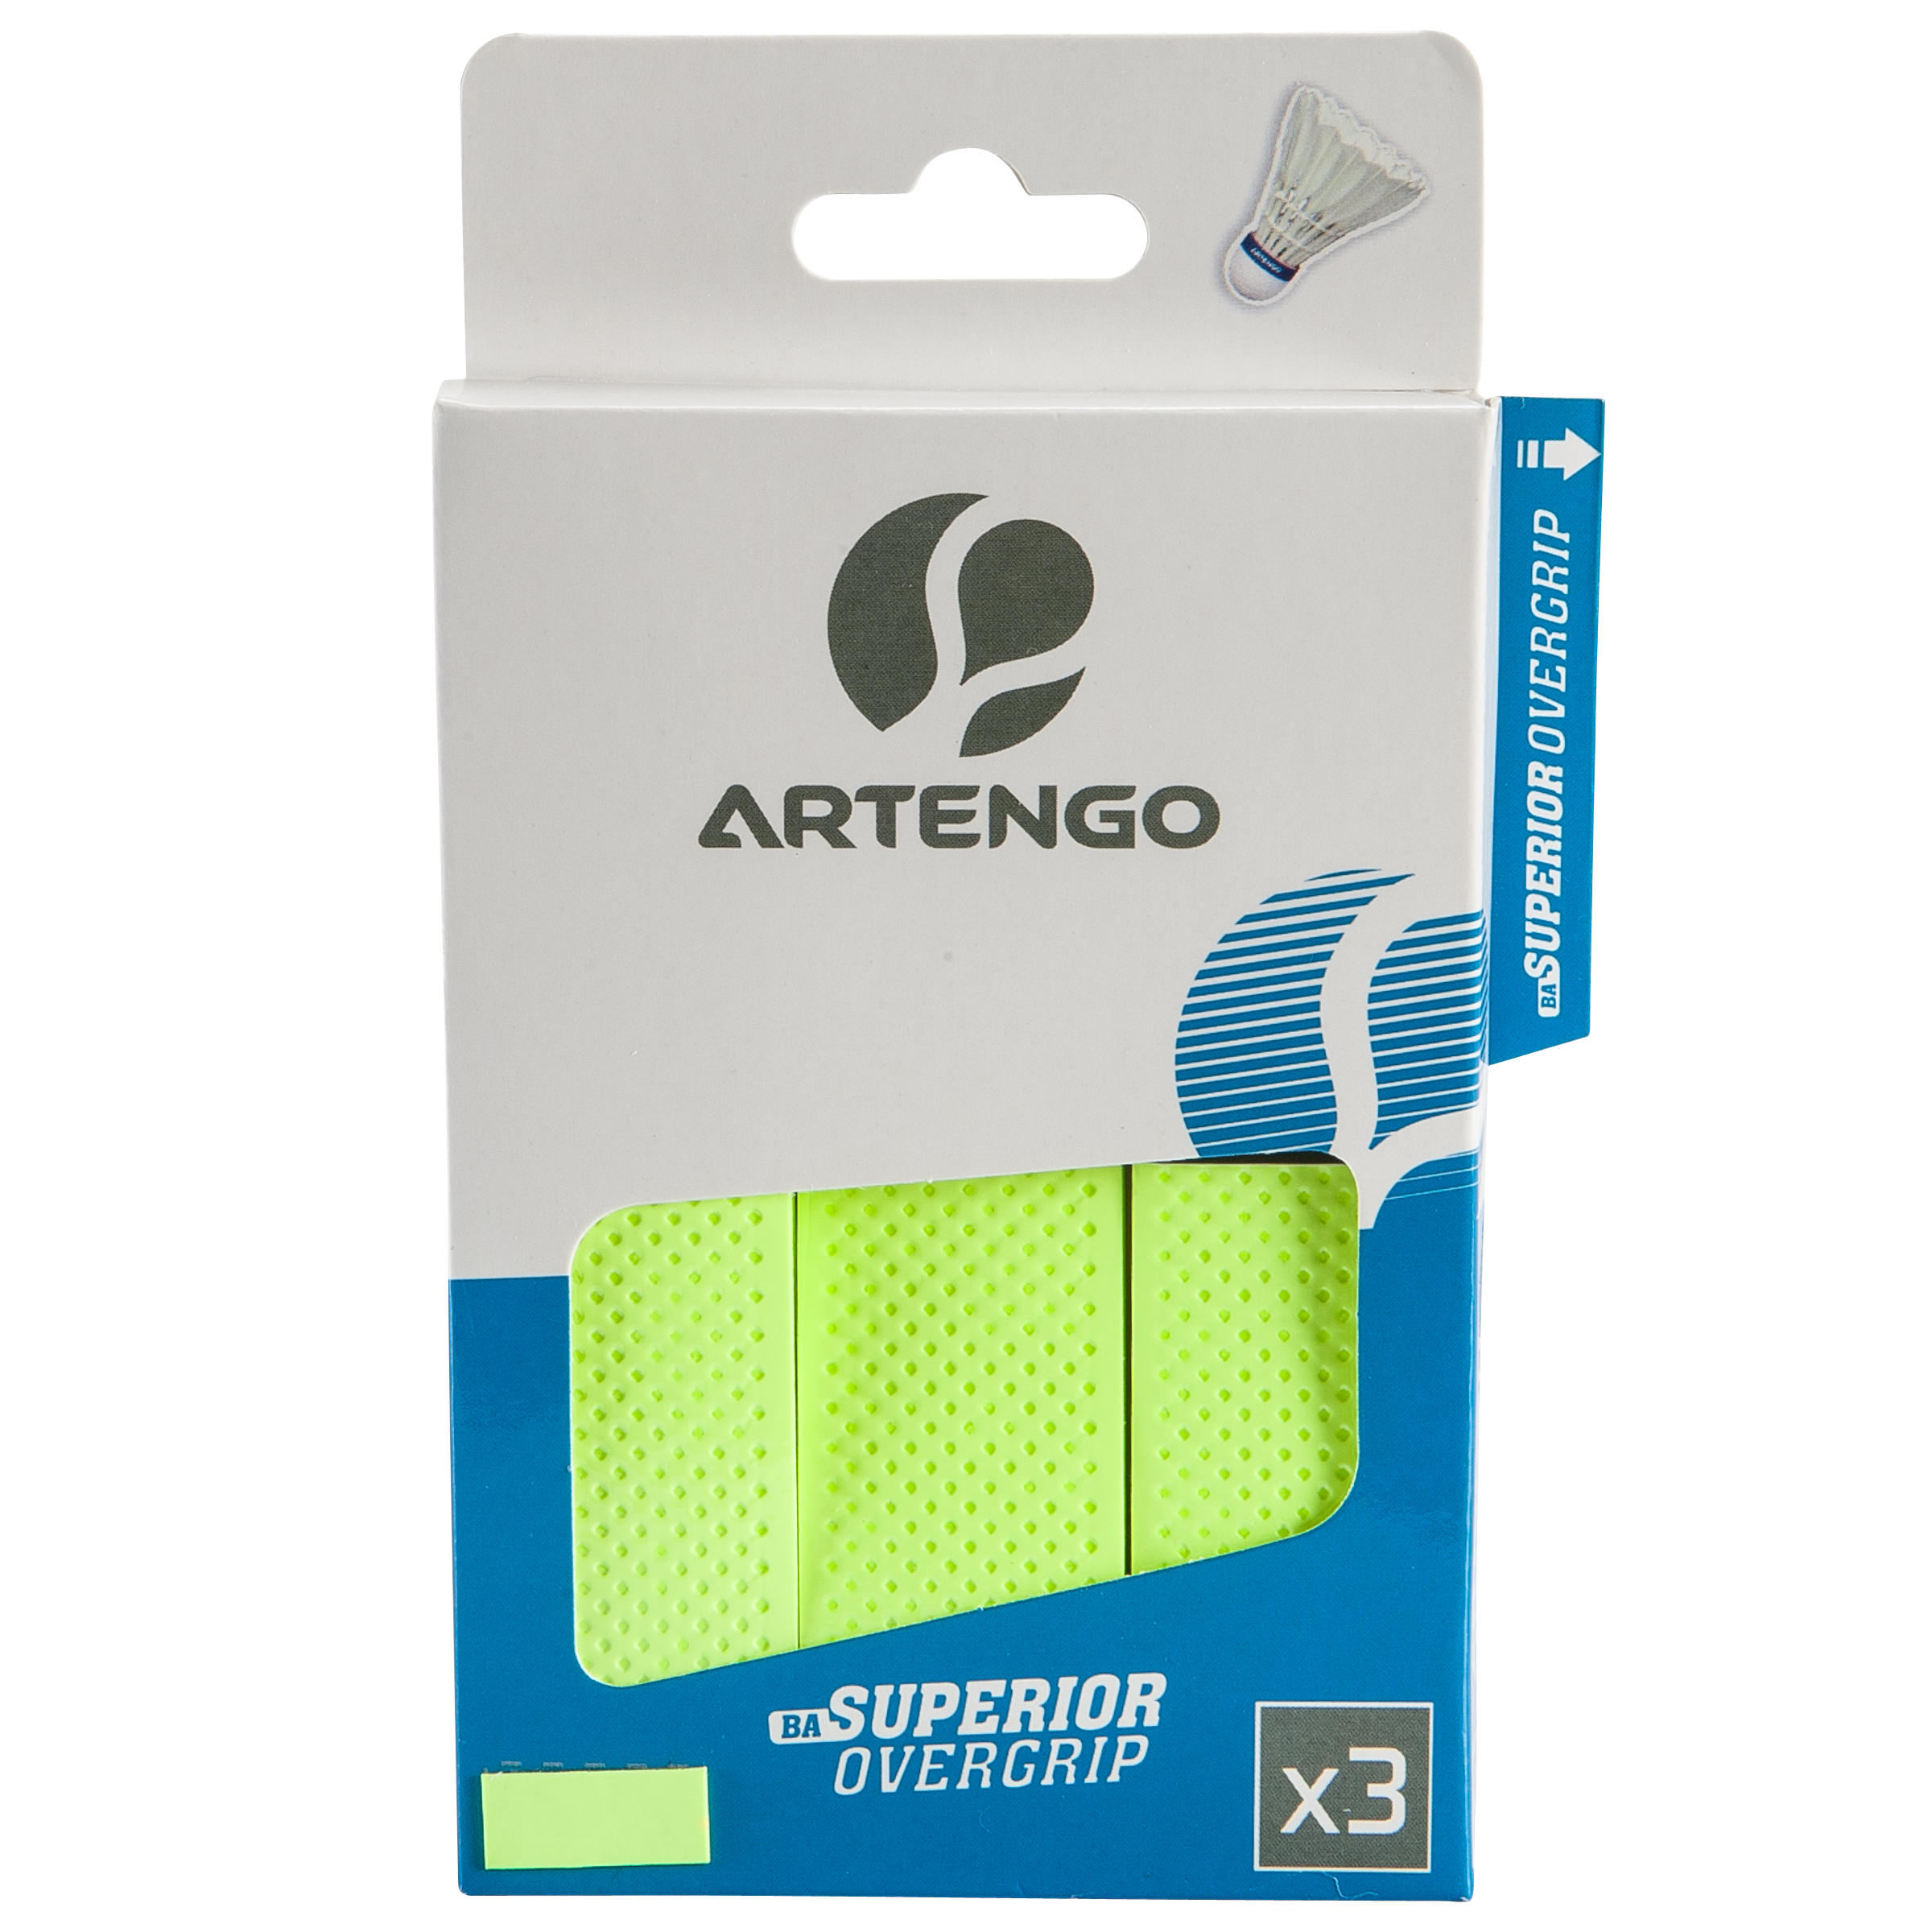 Artengo Overgrip voor badminton - Superior Overgrip 3 stuks